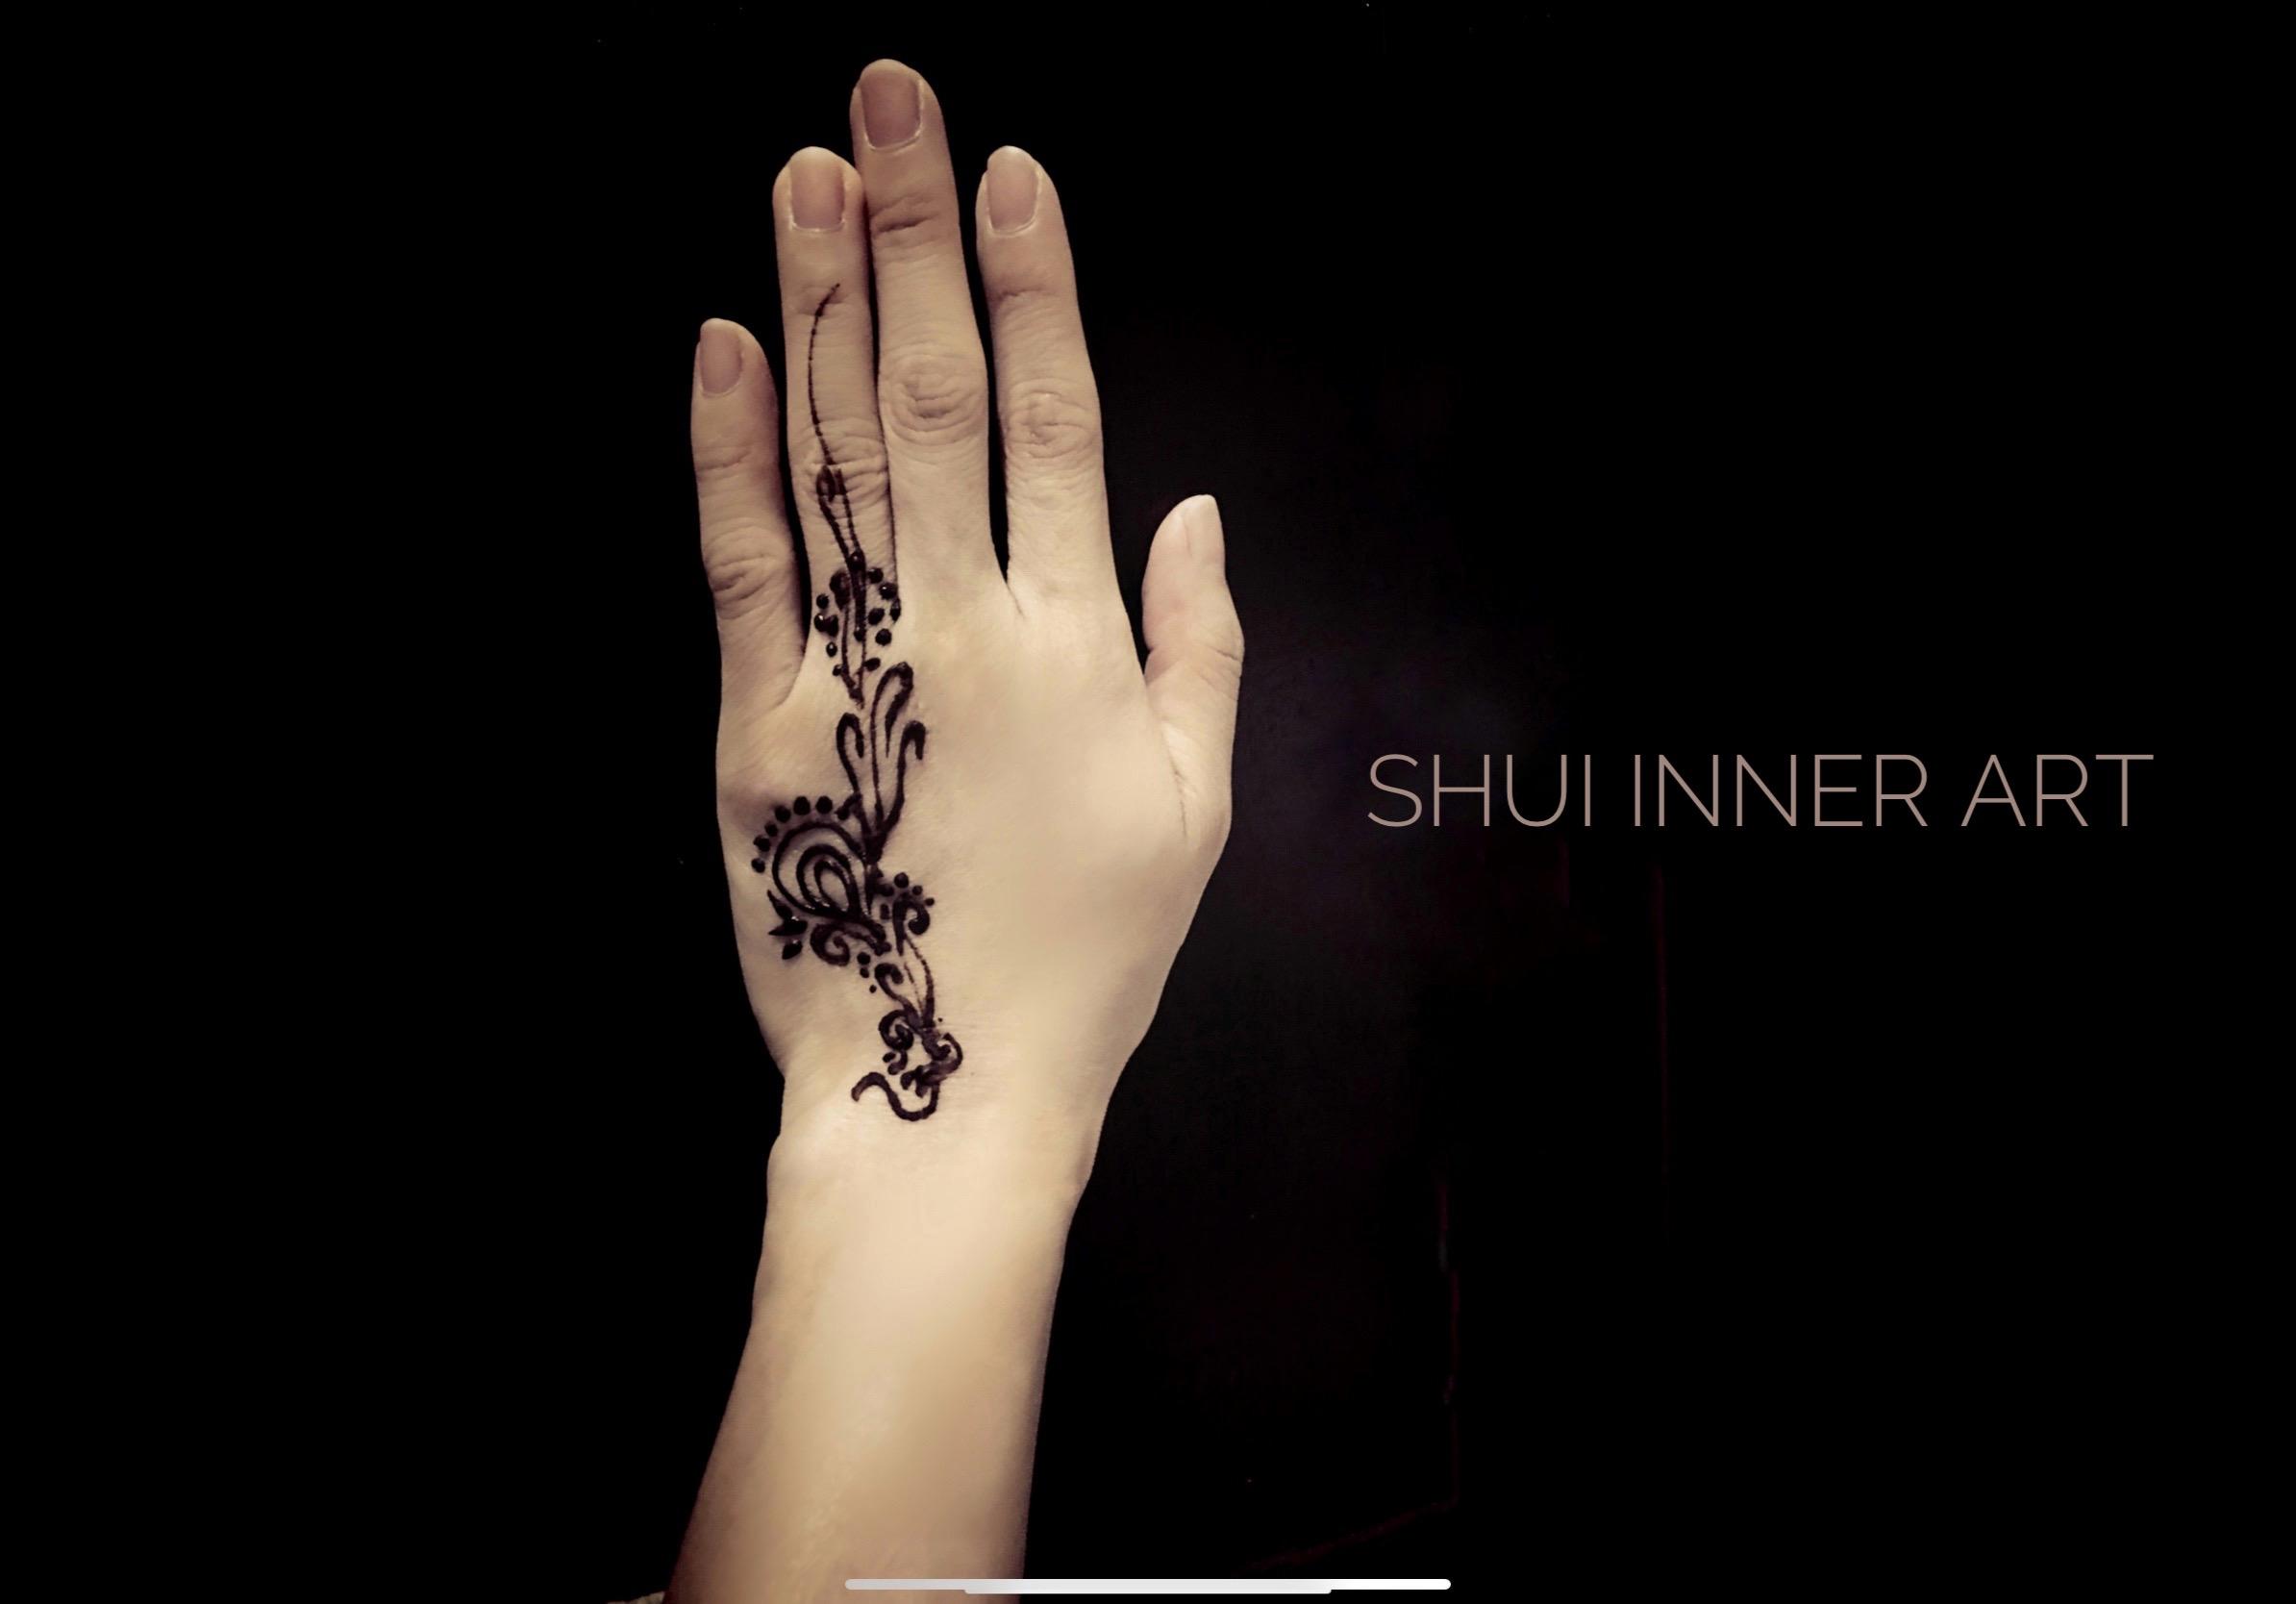 19-Shui-Inner-Art